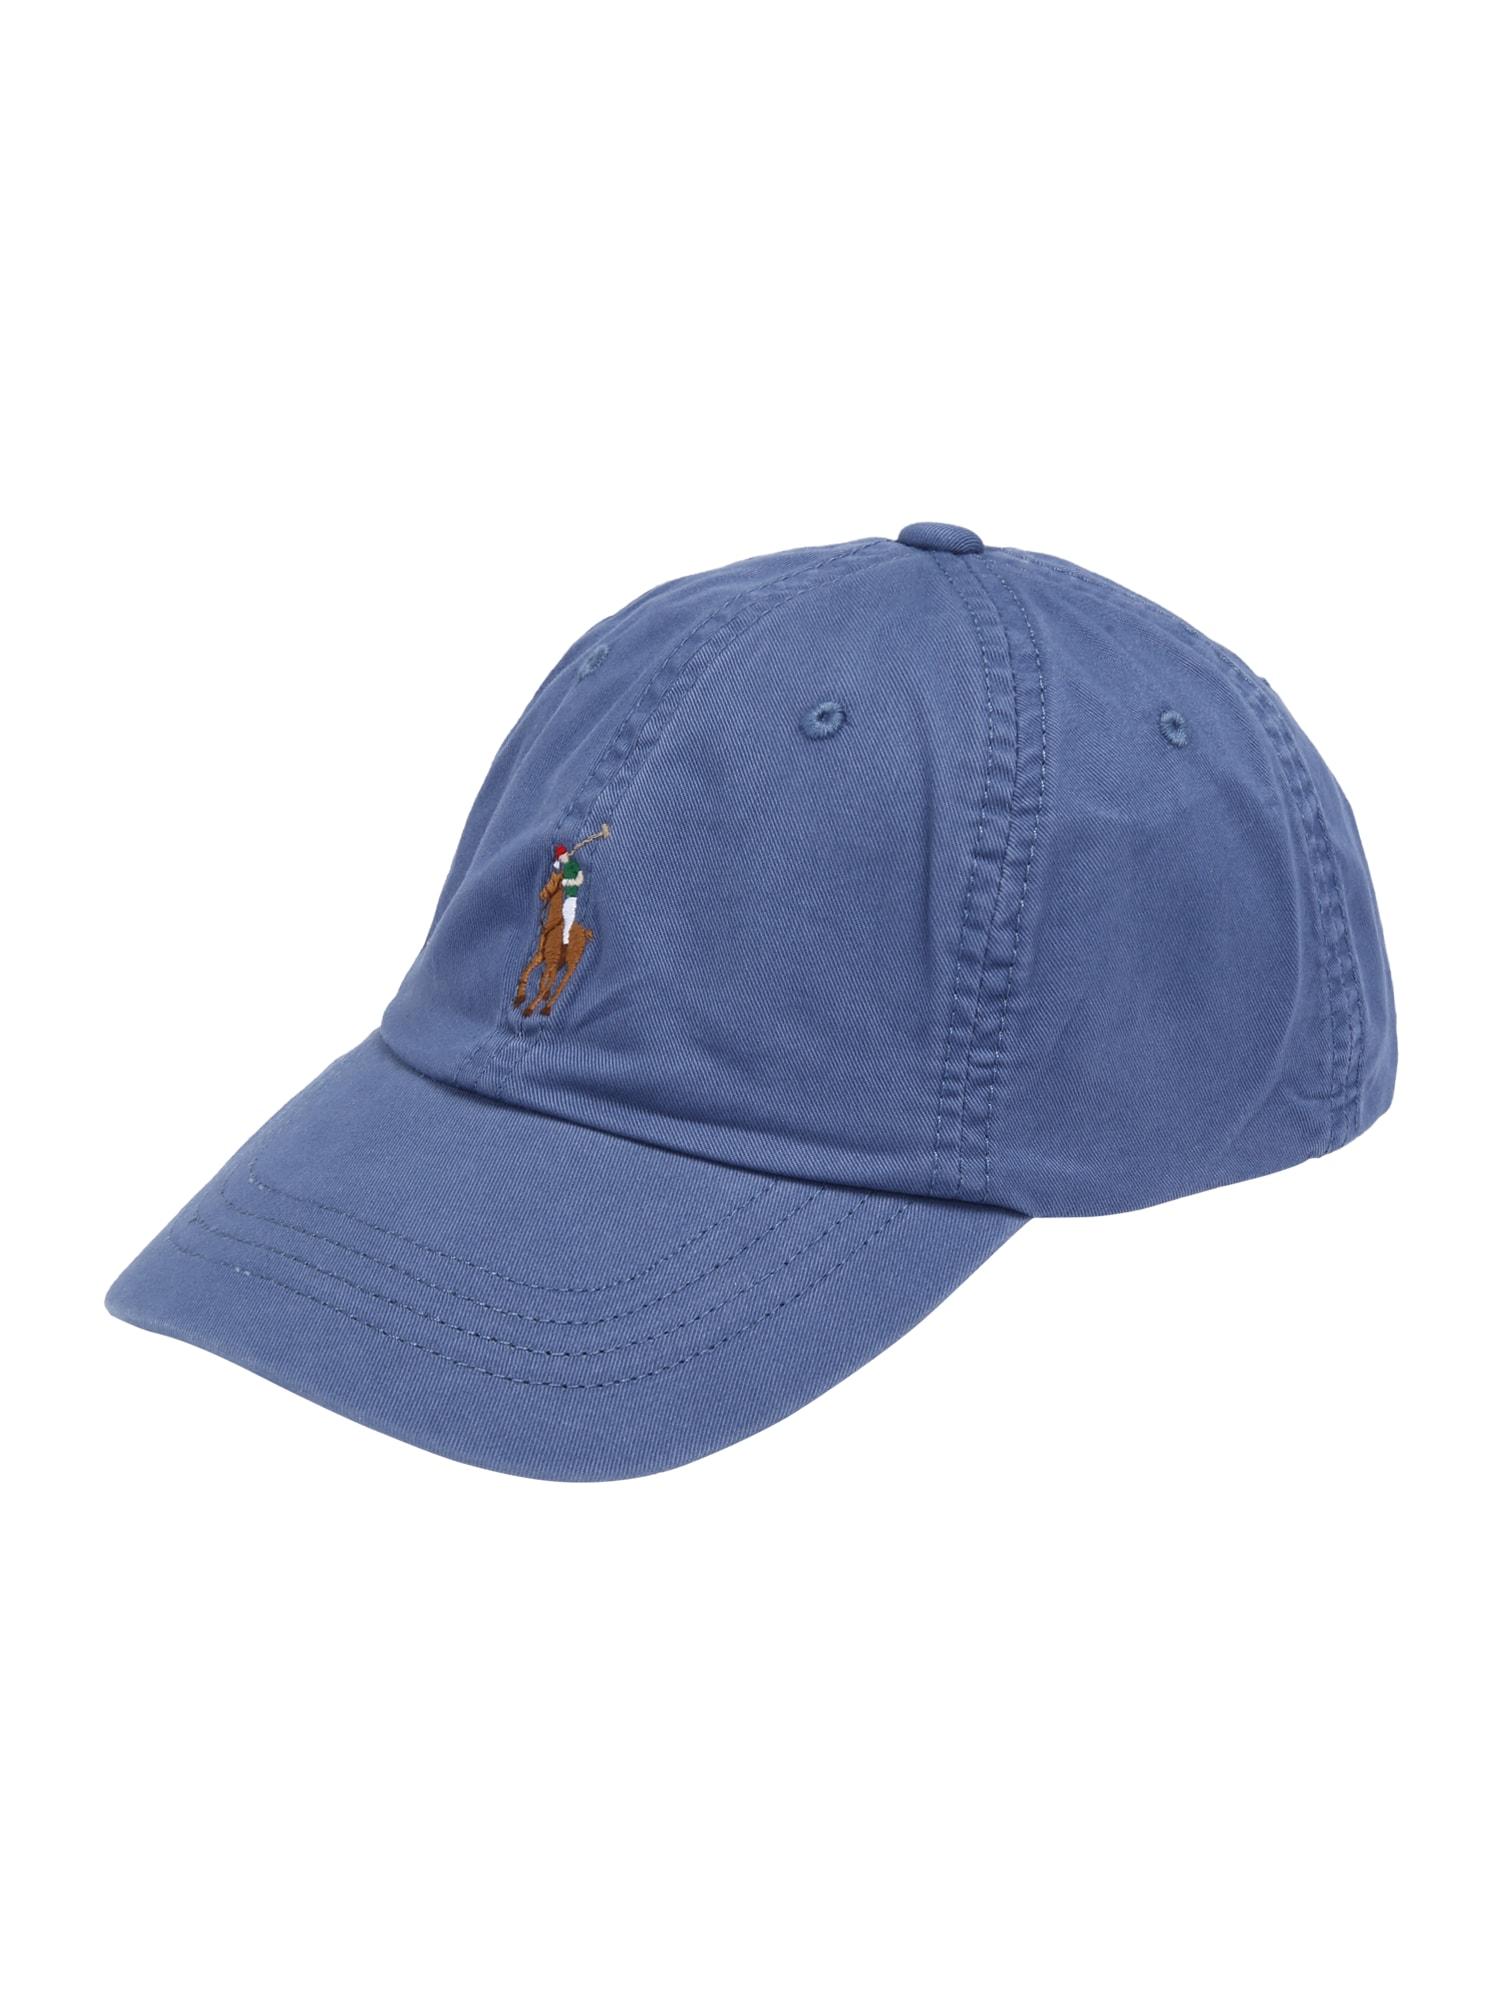 POLO RALPH LAUREN Kepurė mėlyna